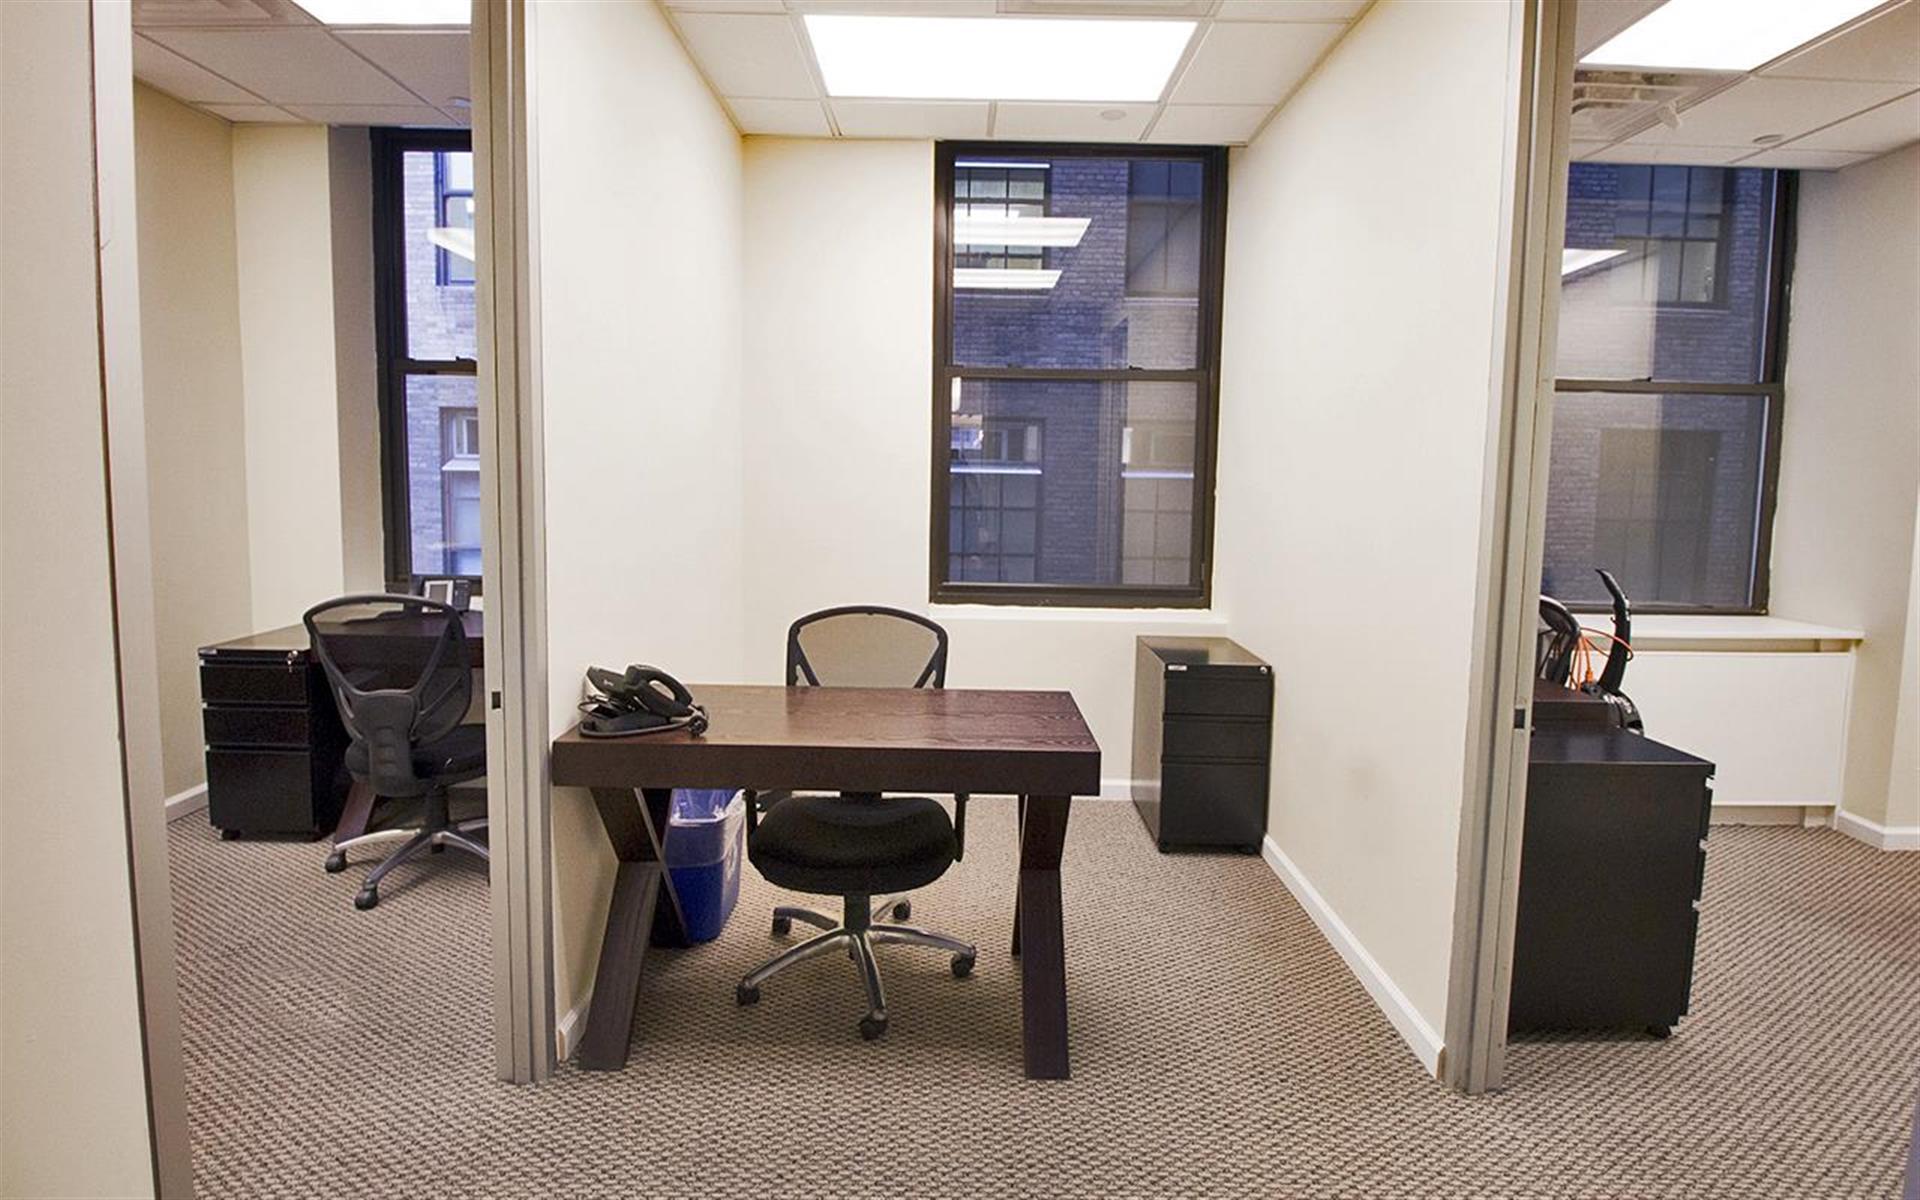 Jay Suites Madison Avenue - Triple Unit Suite with Windows